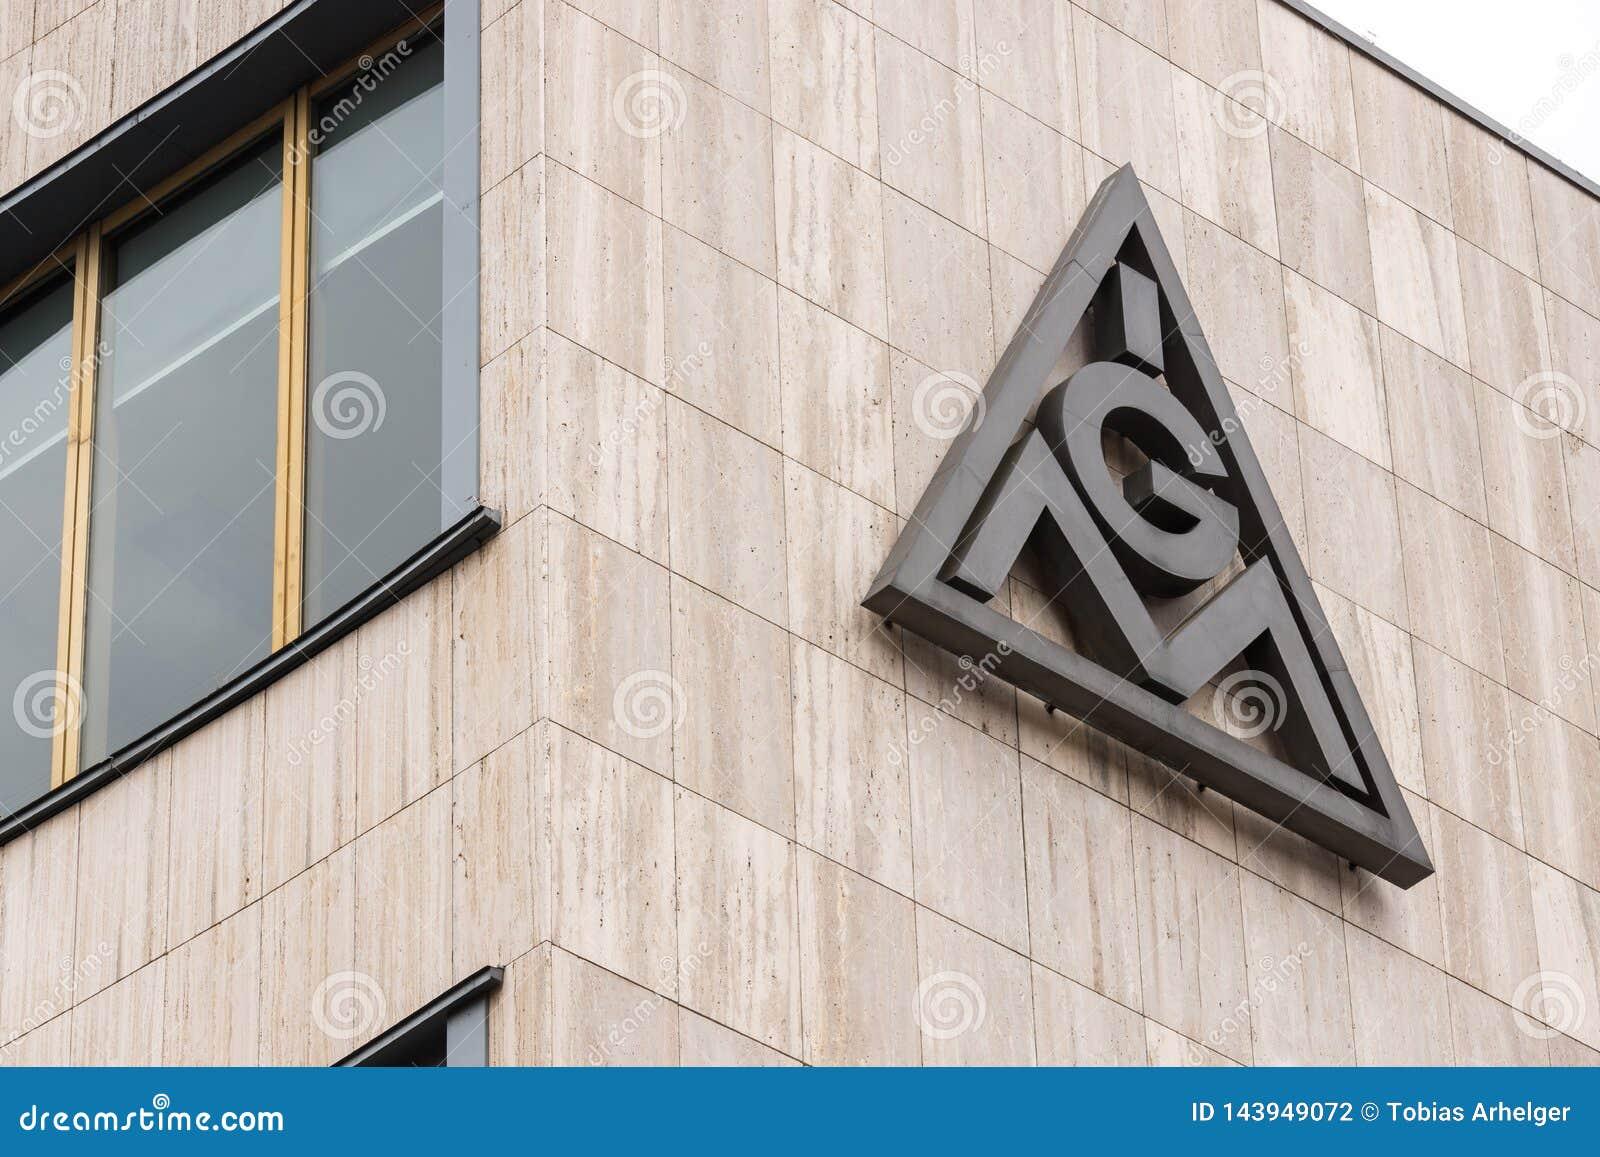 Berlino, Brandeburgo/Germania - 15 03 19: edificio di IG Metall a Berlino Germania